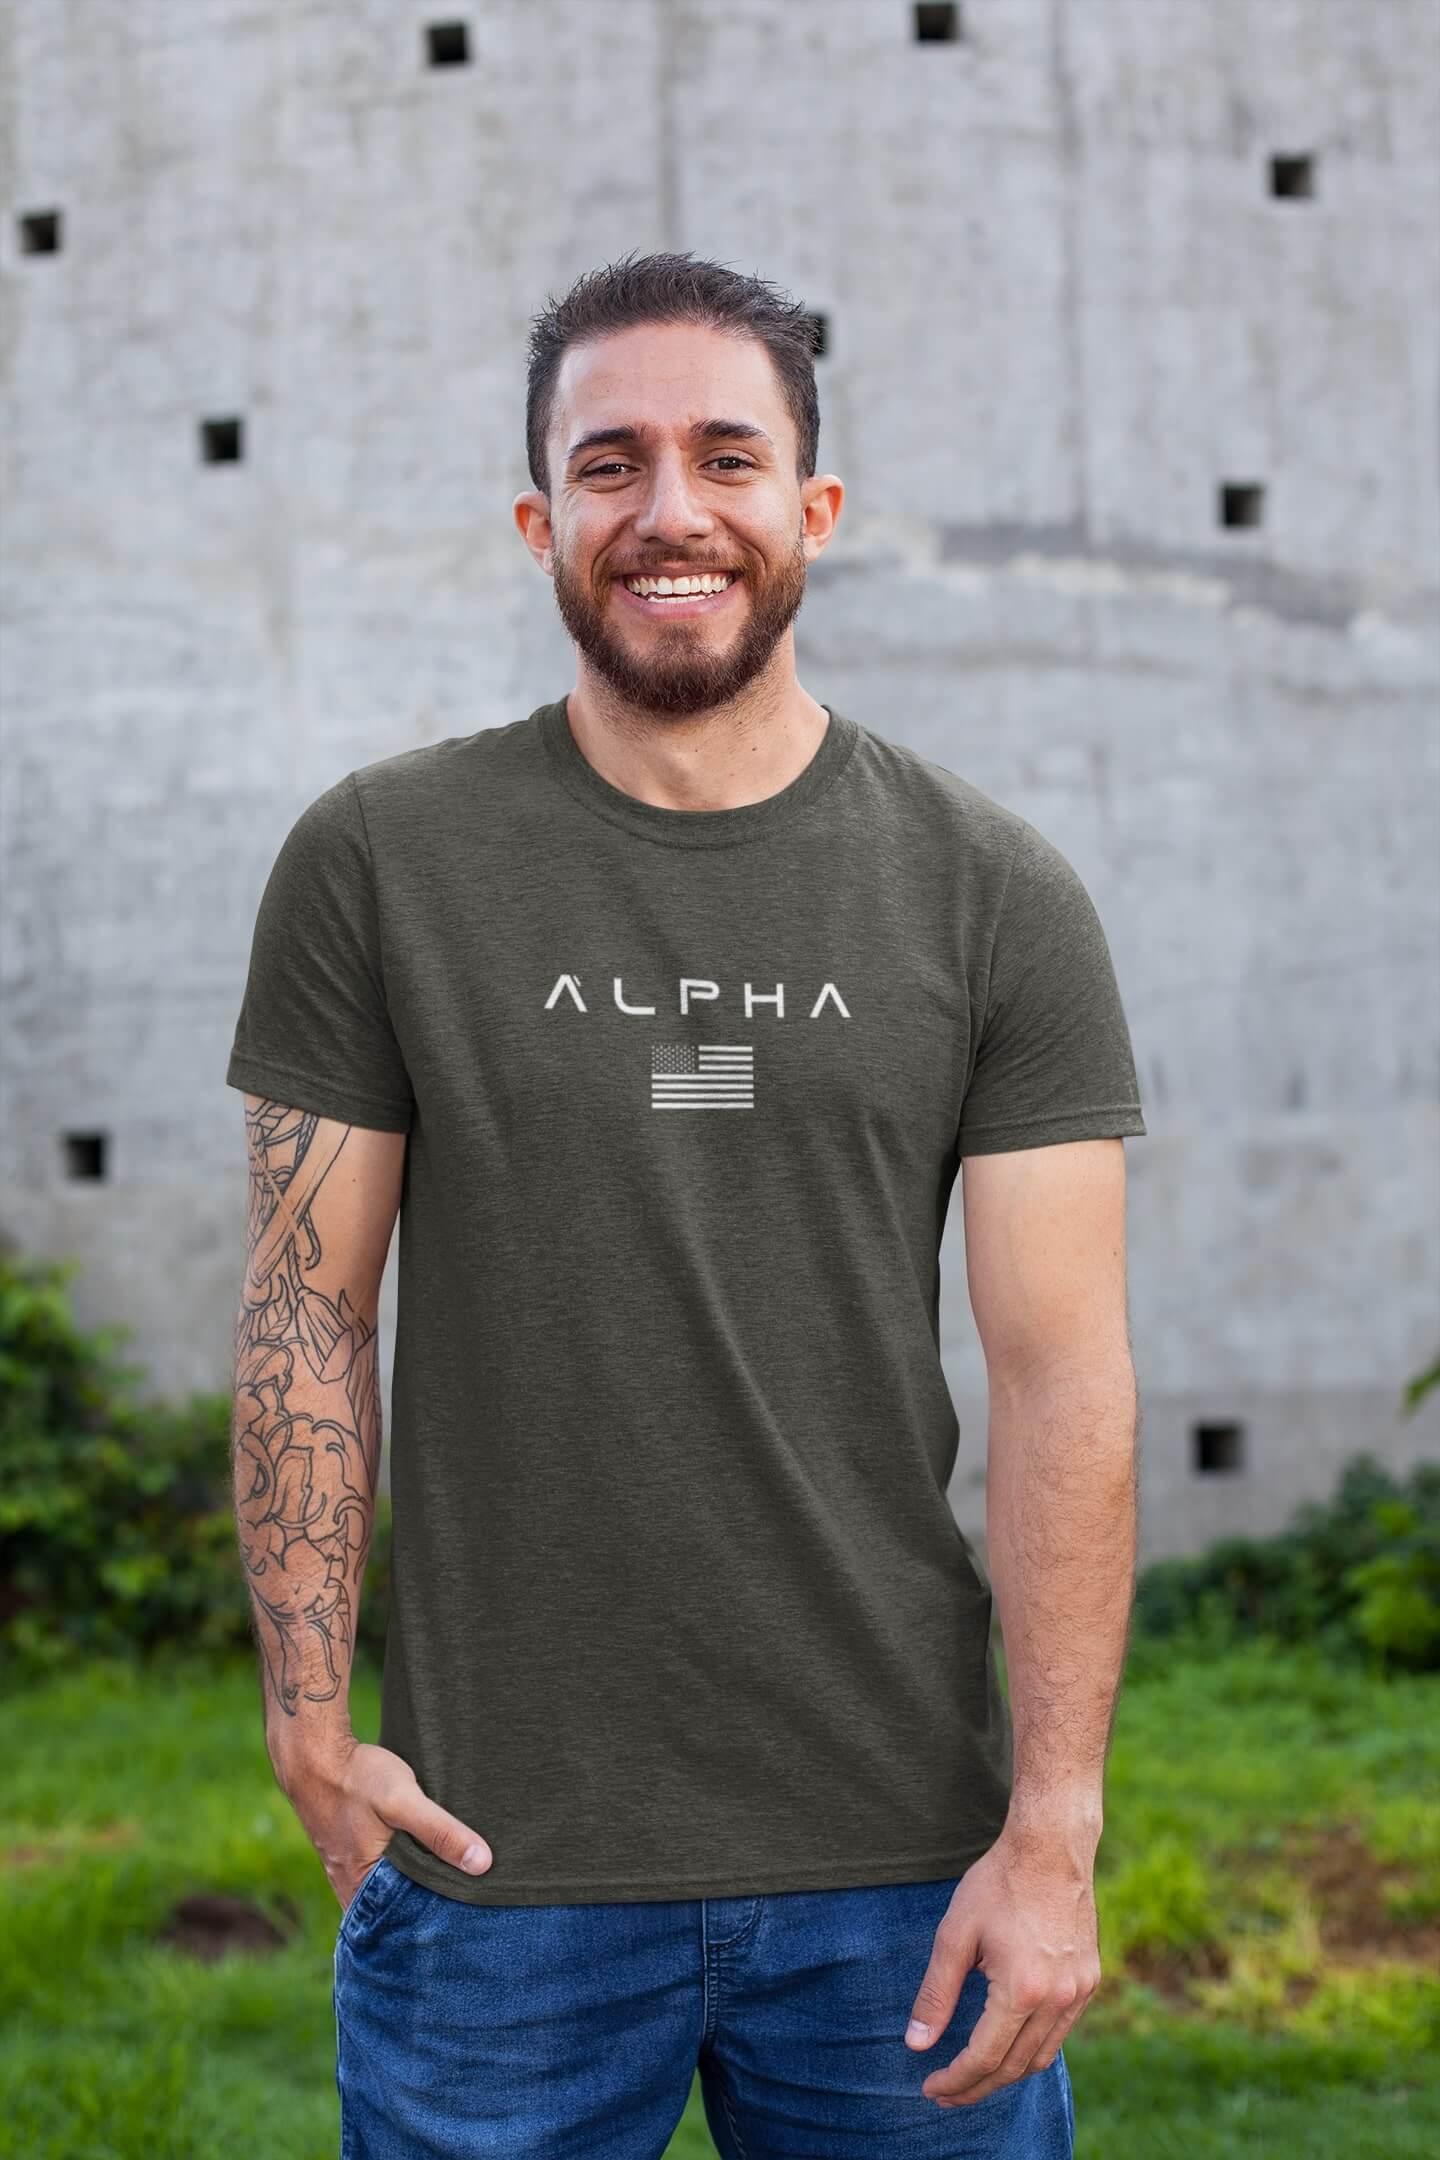 MMO Pánske tričko ALPHA Vyberte farbu: Tmavá bridlica, Vyberte veľkosť: XL